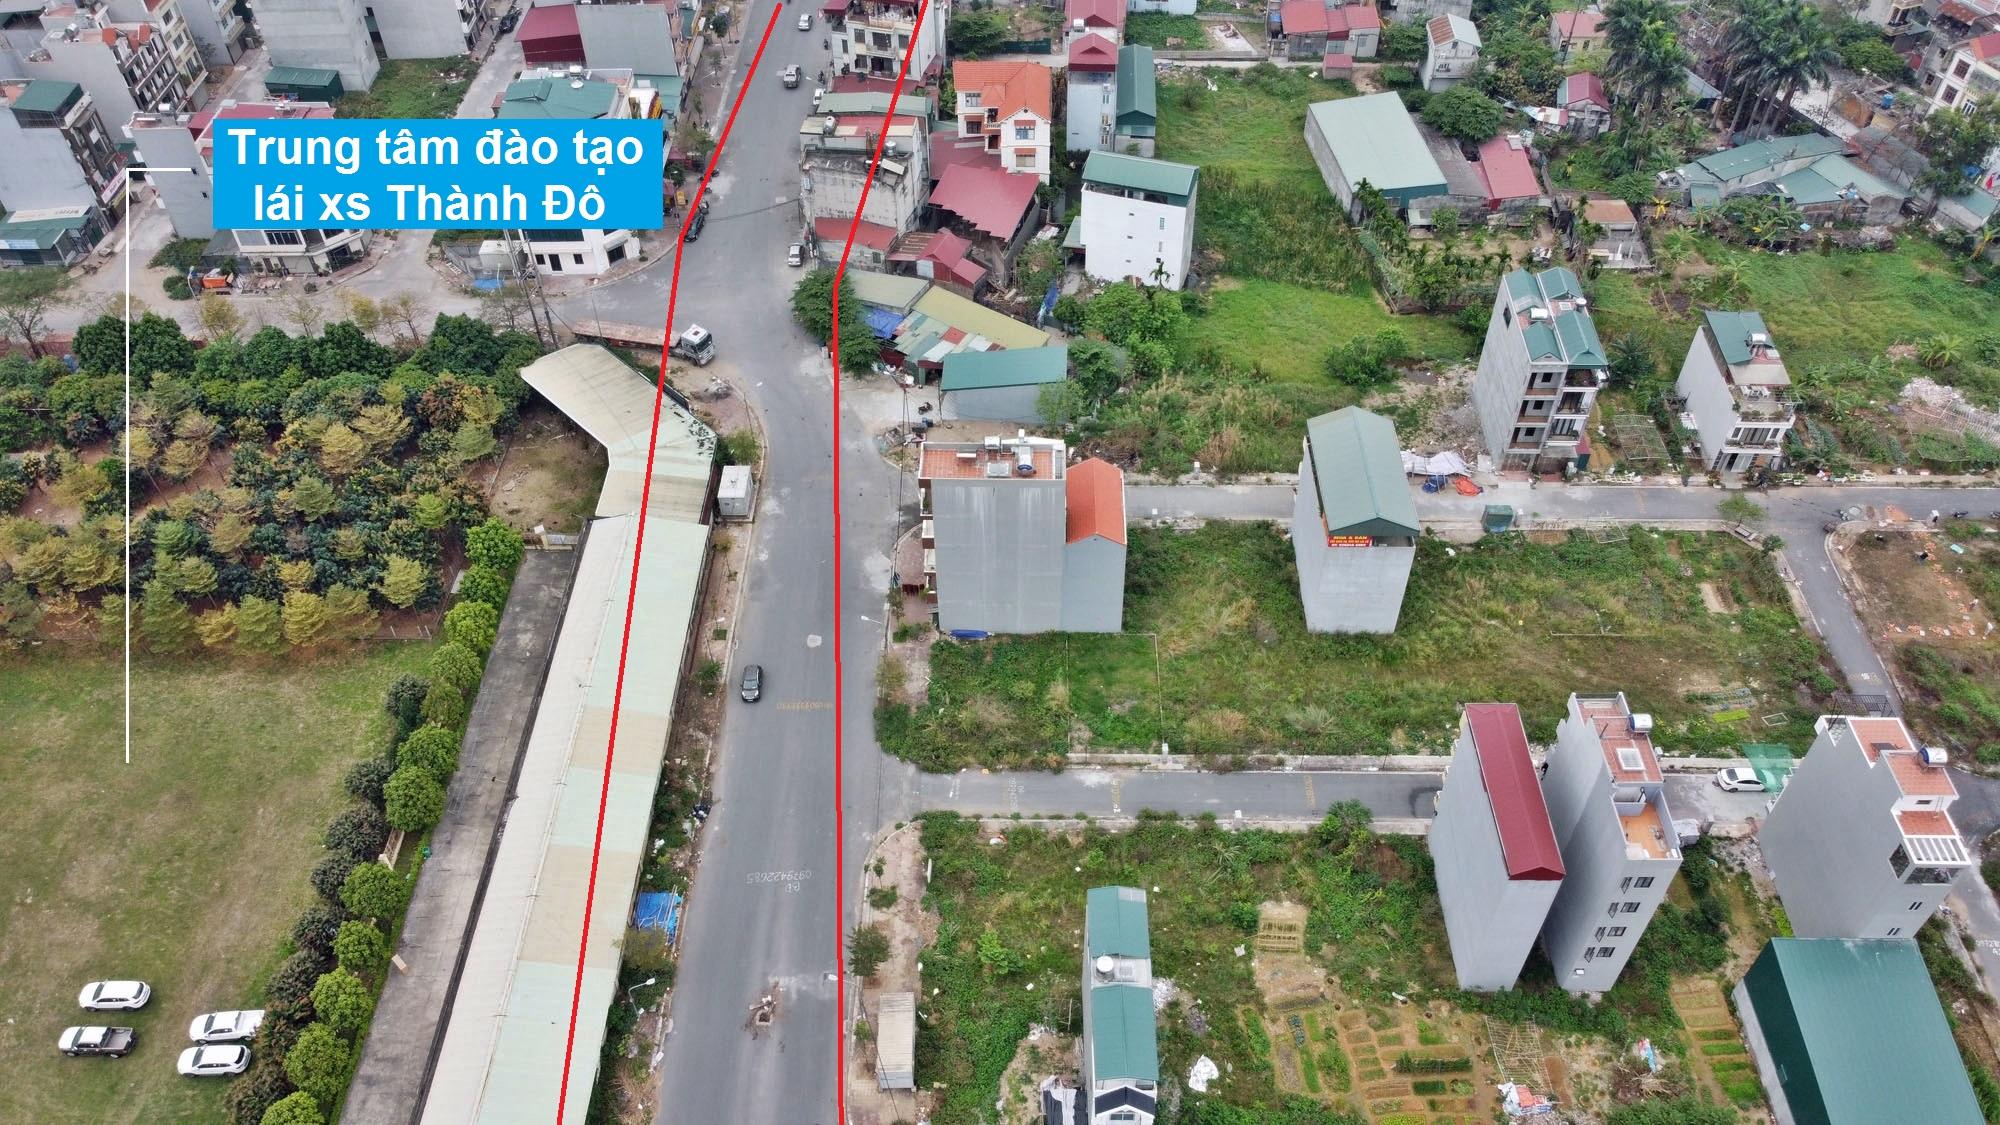 Đường sẽ mở theo quy hoạch ở xã Kim Chung, Hoài Đức, Hà Nội (phần 2) - Ảnh 4.